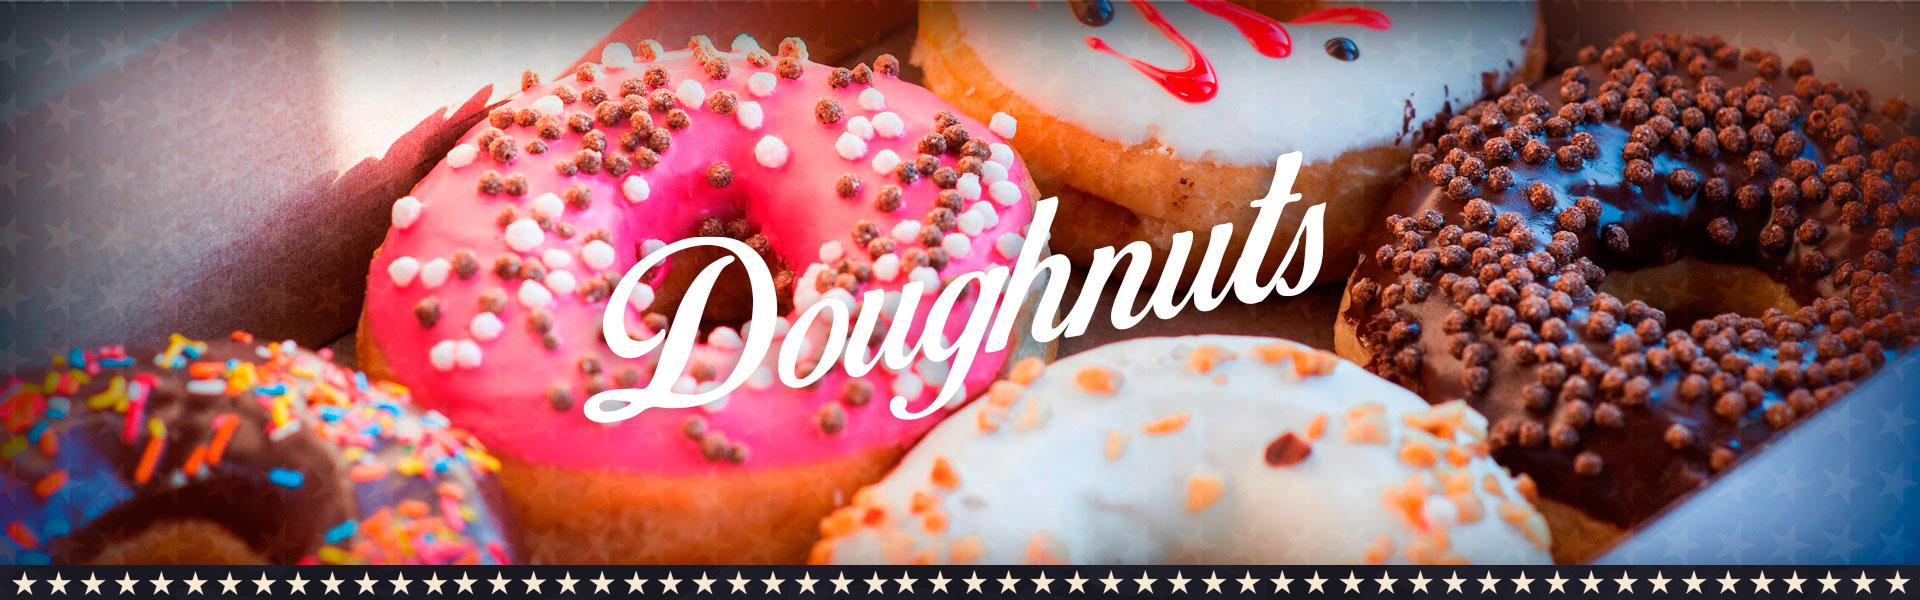 Header_donut